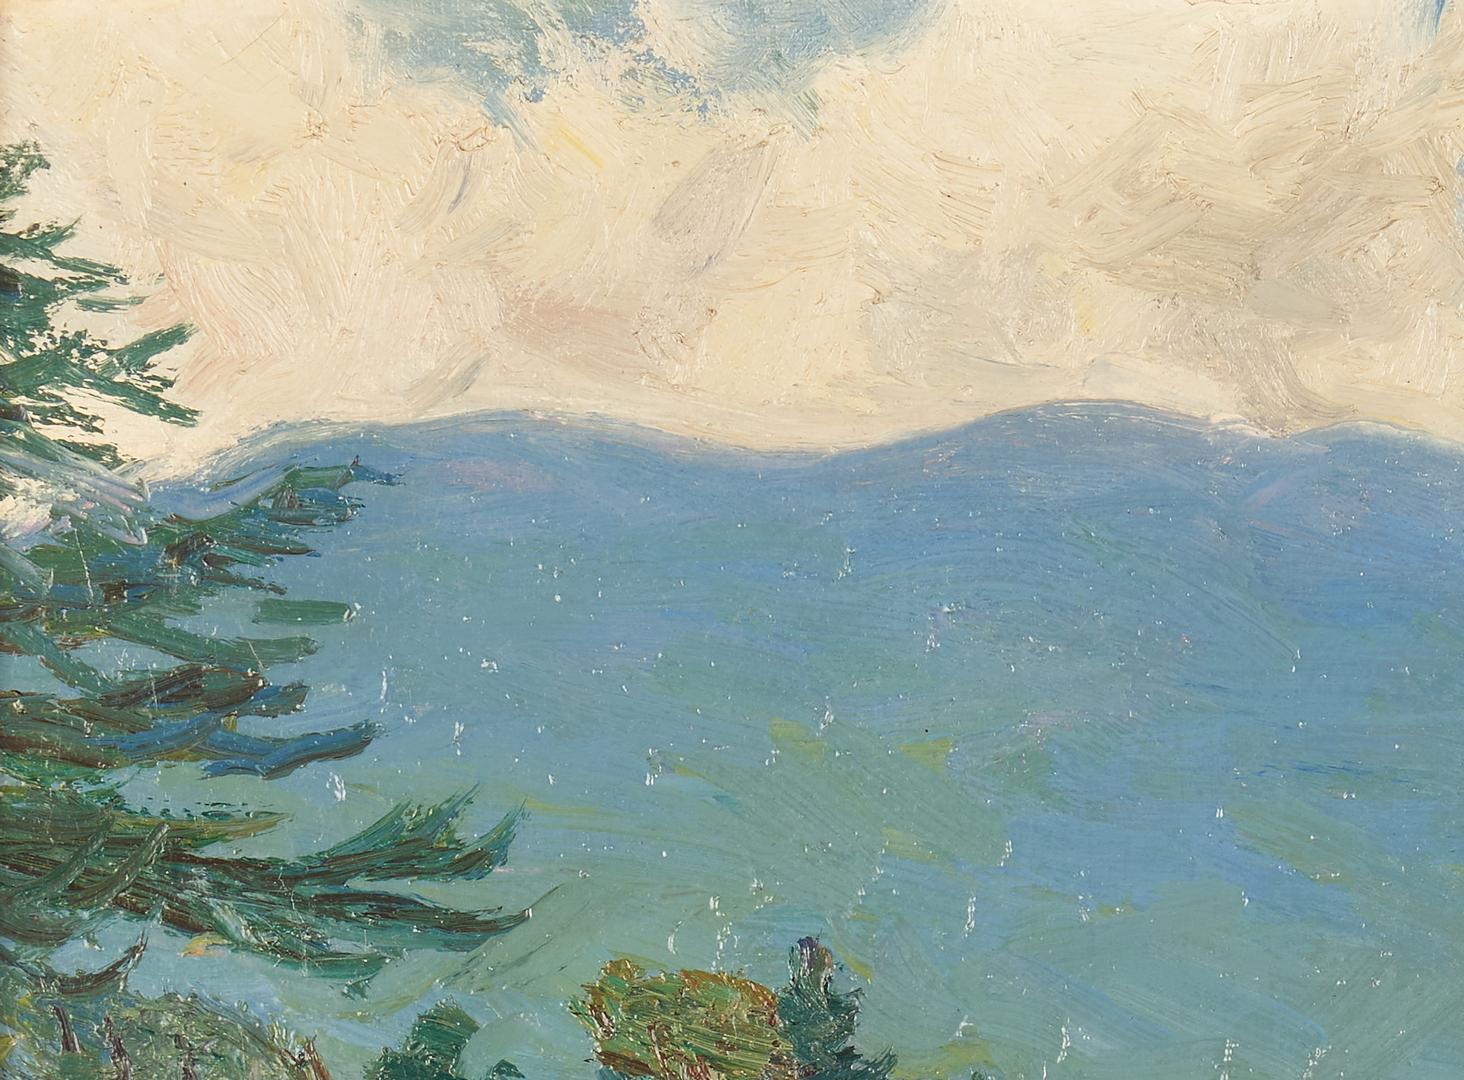 Lot 354: Robert Emmett Owen, New England Landscape O/C